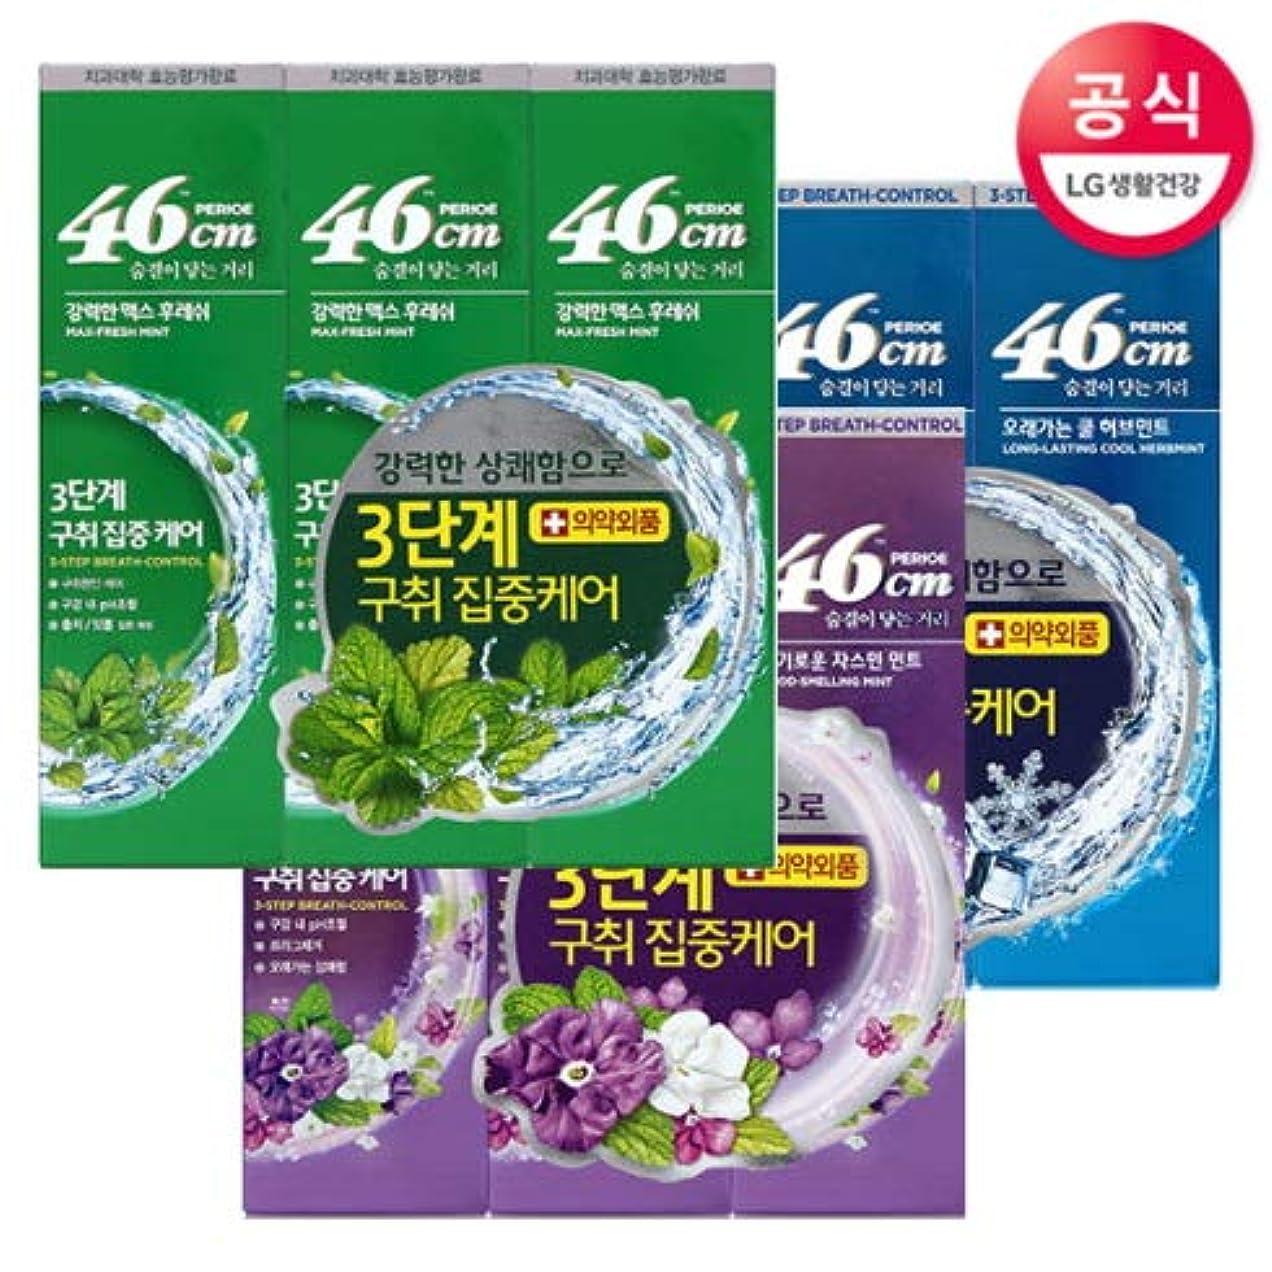 雄大な重荷信頼性[LG HnB] Perio 46cm toothpaste /ペリオ46cm歯磨き粉 100gx9個(海外直送品)